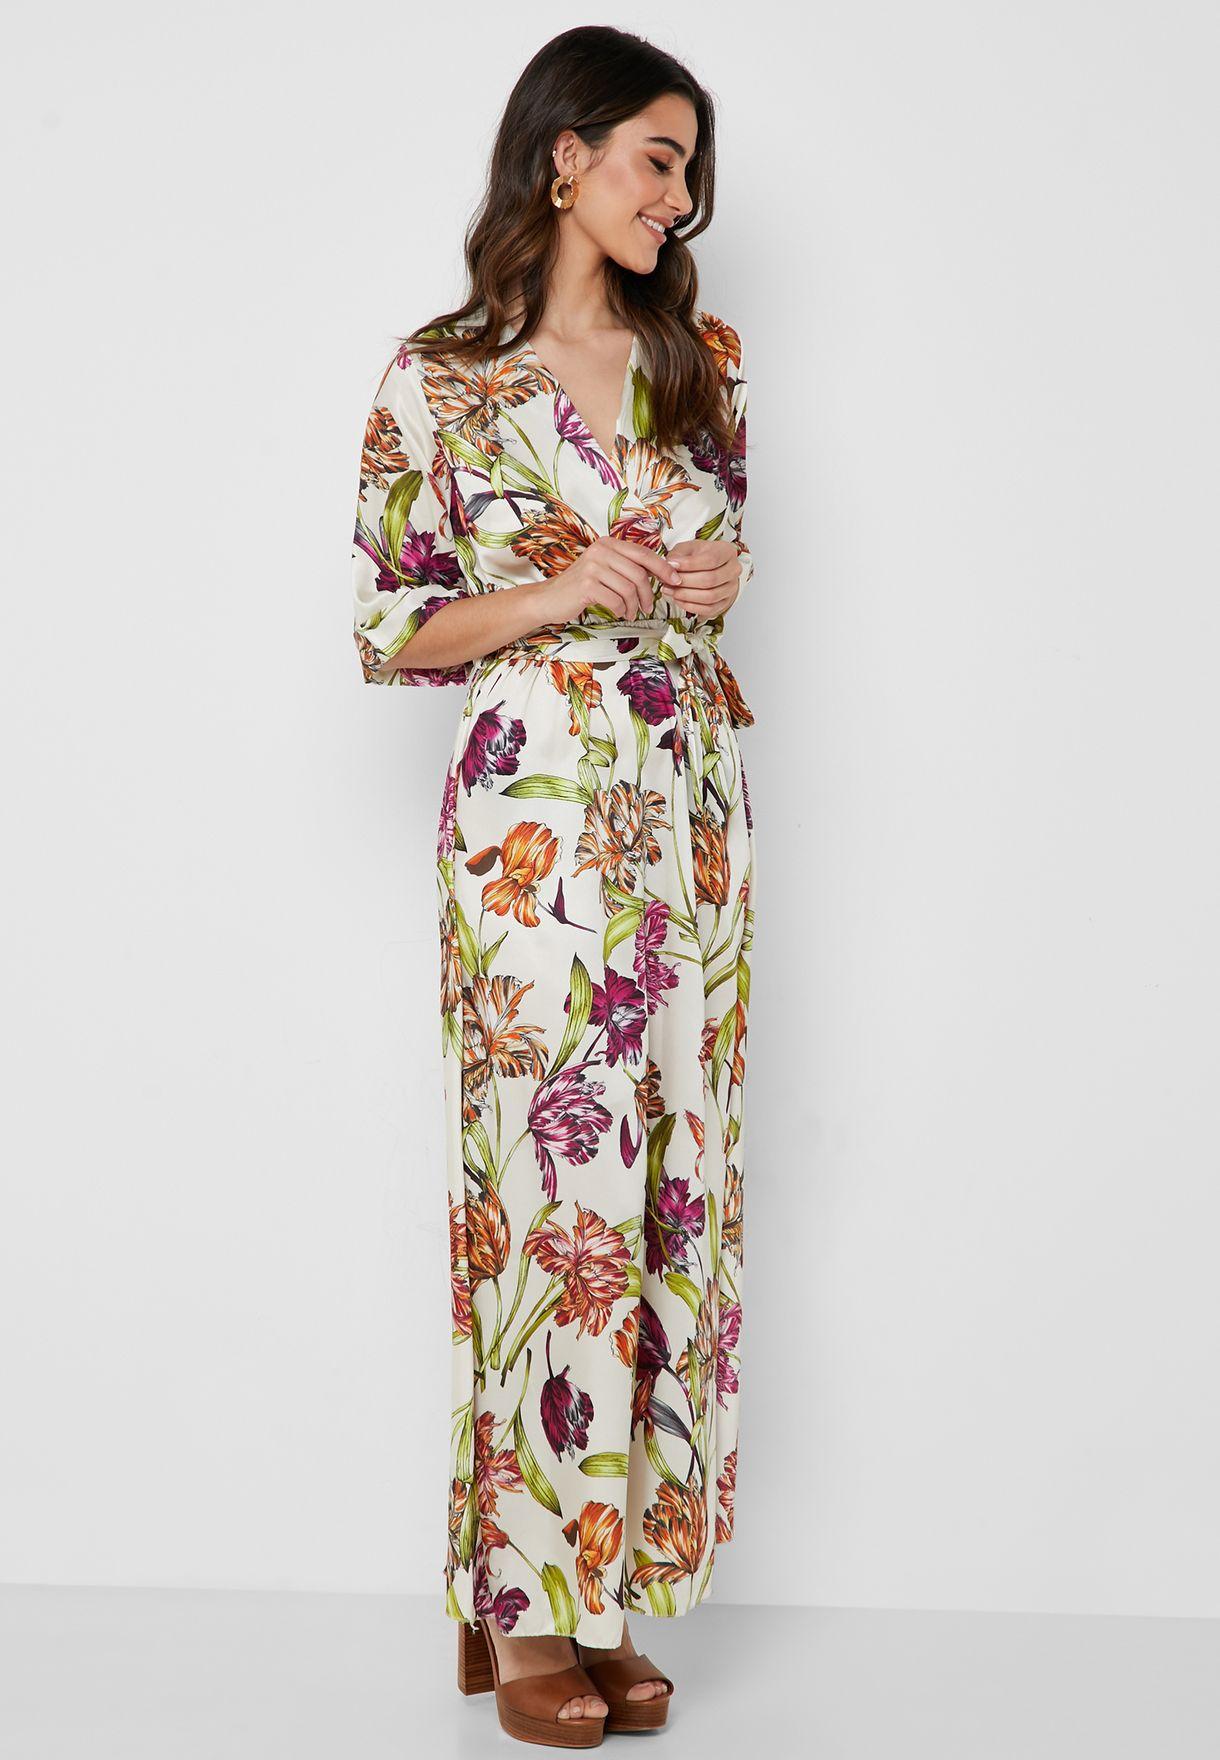 فستان مكسي بنمط لف وطبعات ازهار